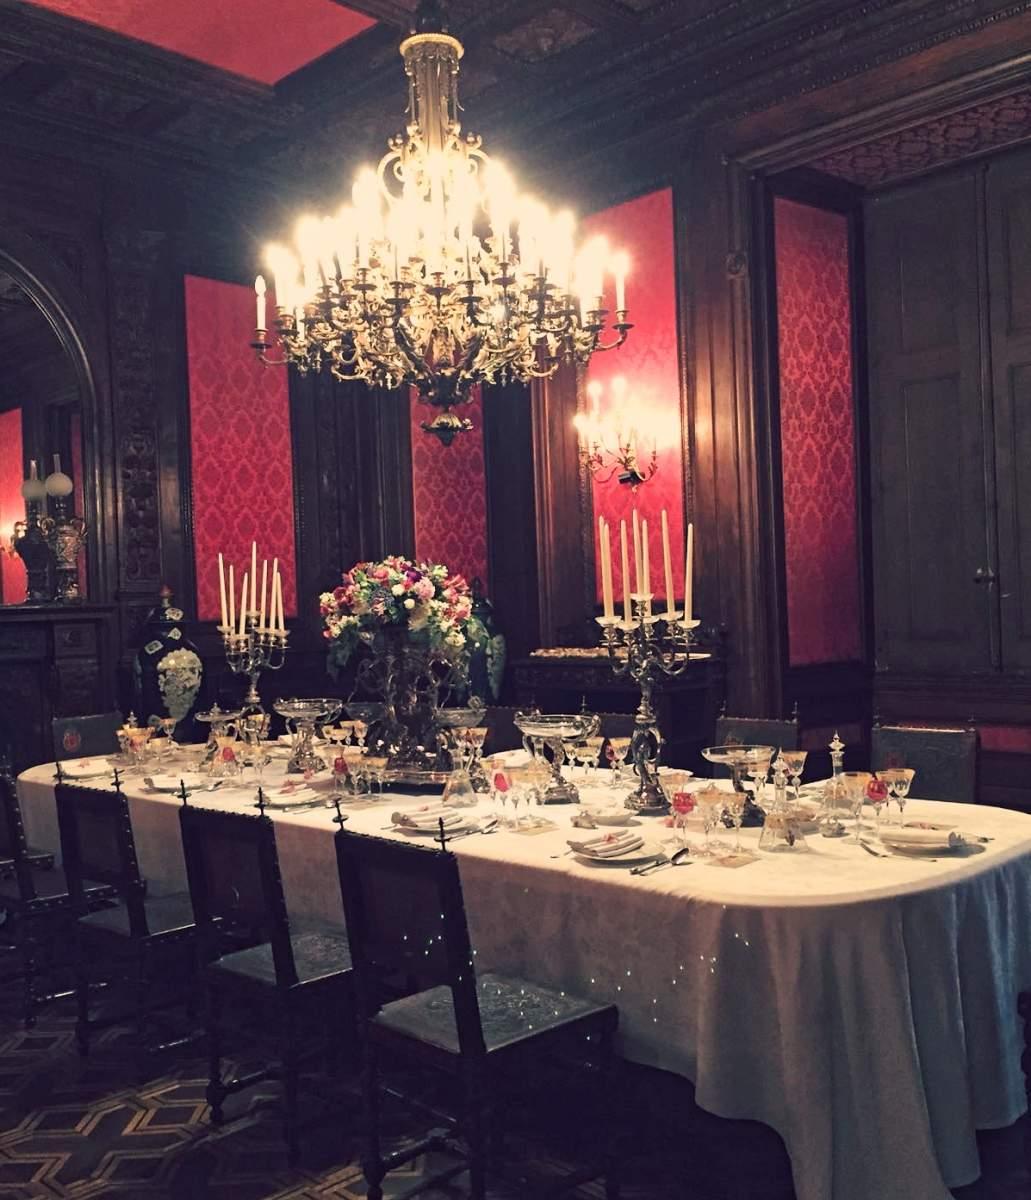 Ajuda Palace dining room